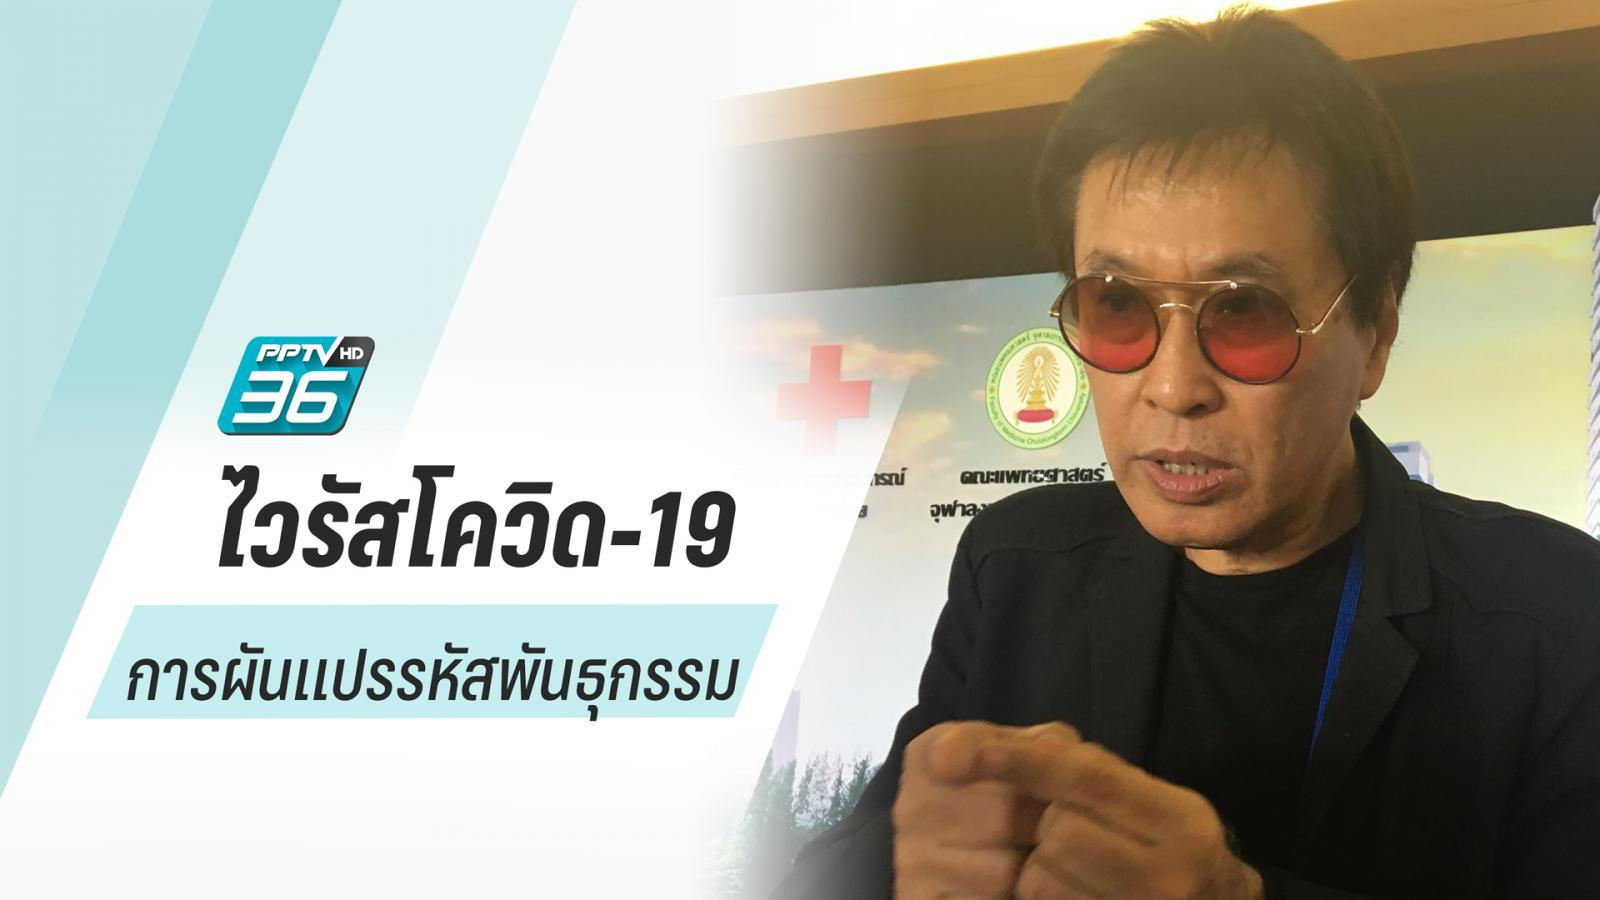 หมอจุฬาฯ เผยทิศทางดีหากคนไทยร่วมมือกัน เชื้อโควิด-19 จากรุนแรงให้กลับนุ่มนวล